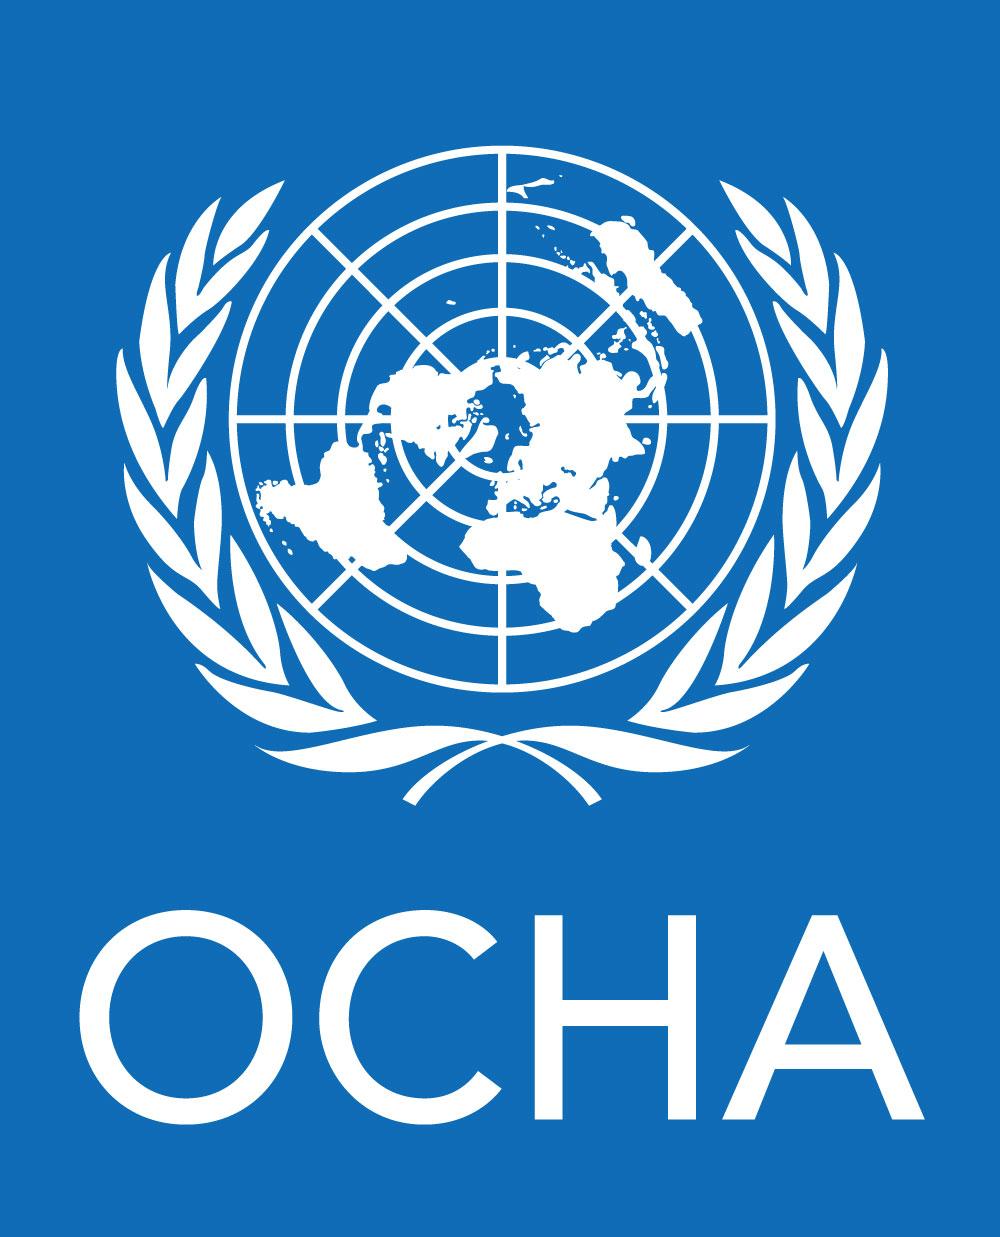 اداره هماهنگی کمکهای بشری سازمان ملل در افغانستان (اوچا) در گزارشی اعلام کرده که حدود ۳ هزار و ۲۶۰ خانواده در نتیجه درگیریهای شهرستانهای جاغوری و مالستان ولایت غزنی به بامیان و شهر غزنی رسیدهاند